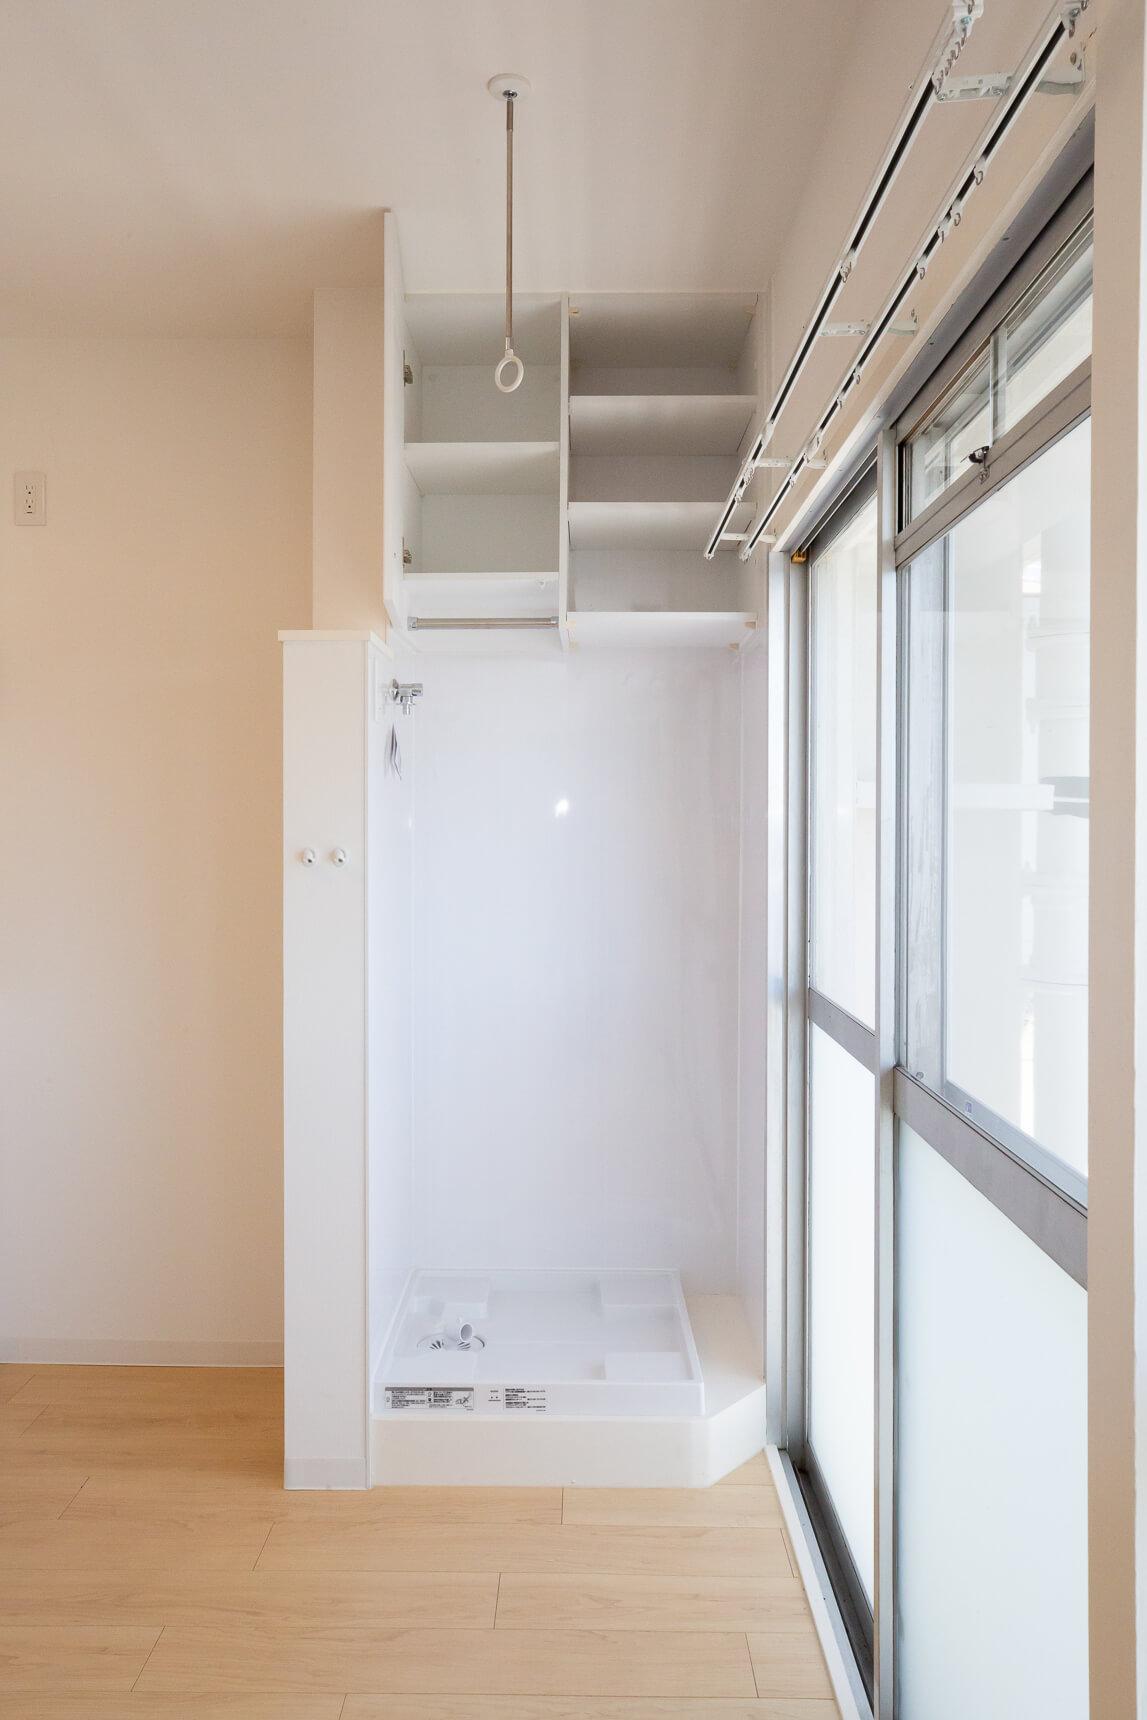 室内になかった洗濯機置き場は、ベランダの横に新設。すぐに洗濯物が干せるので便利ですね。取り外しも可能な、室内物干しポールもあり、上部は収納棚にもなっています。